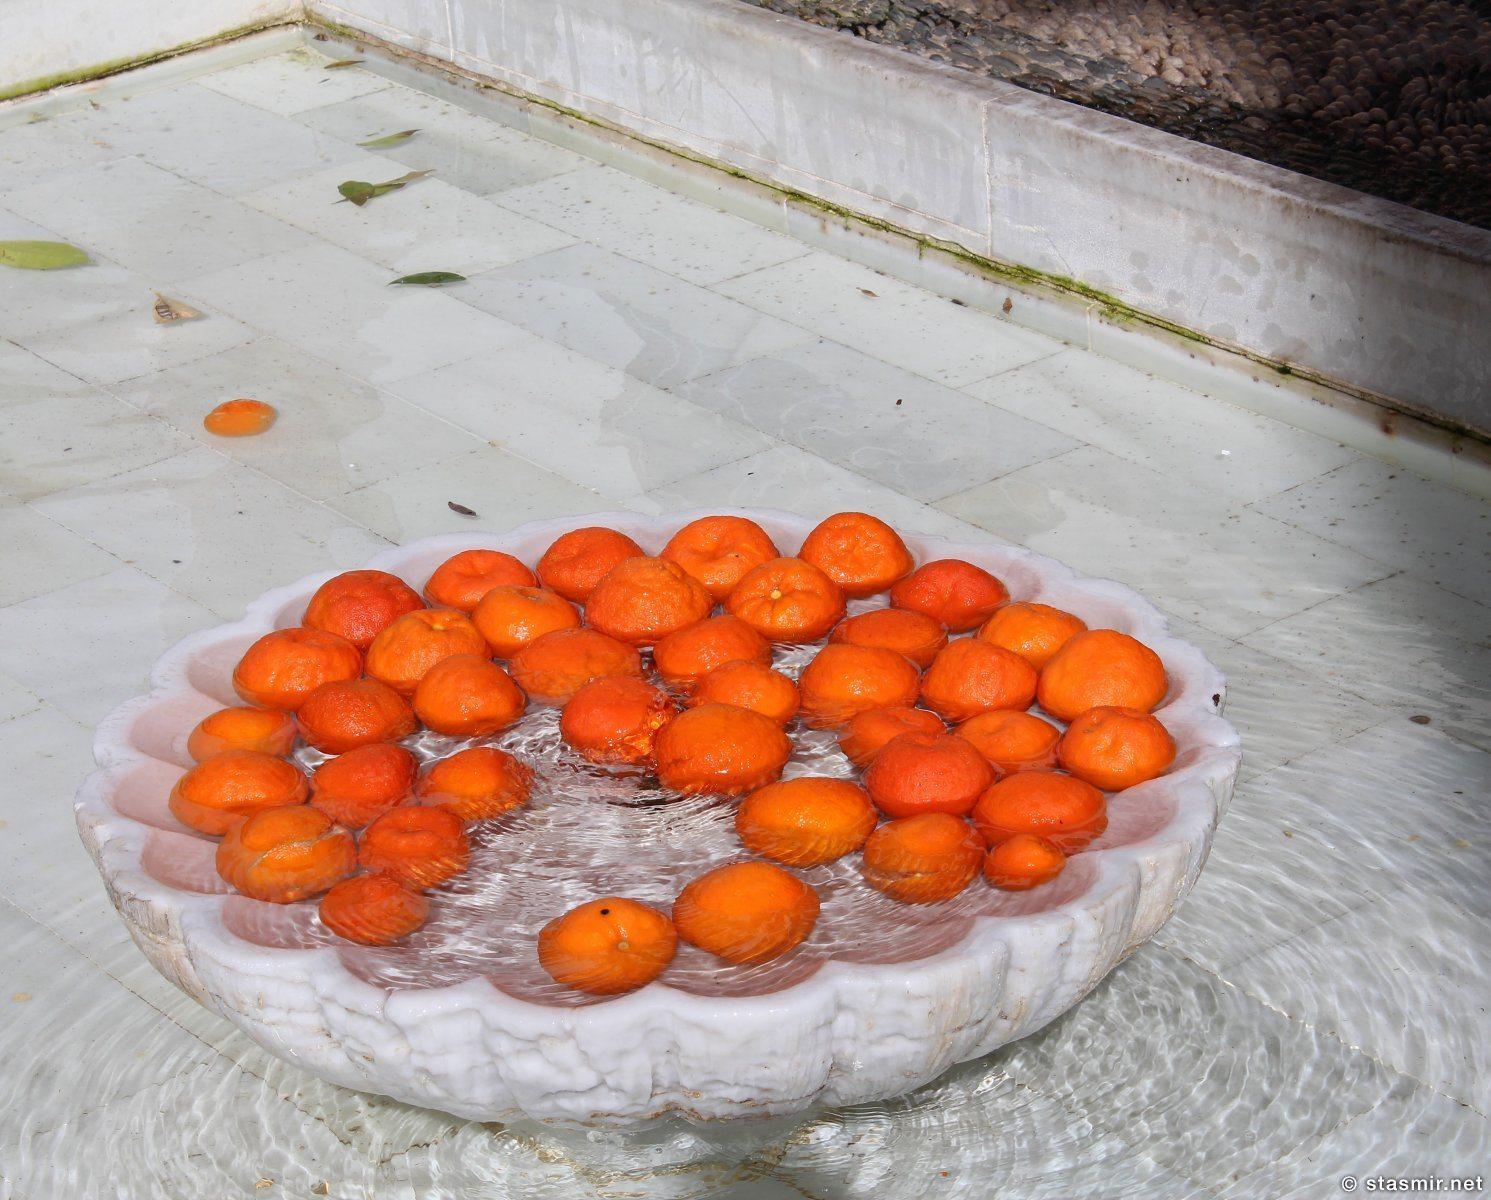 Апельсины в Кородве, Испания, фото Стасмир, Photo Stasmir